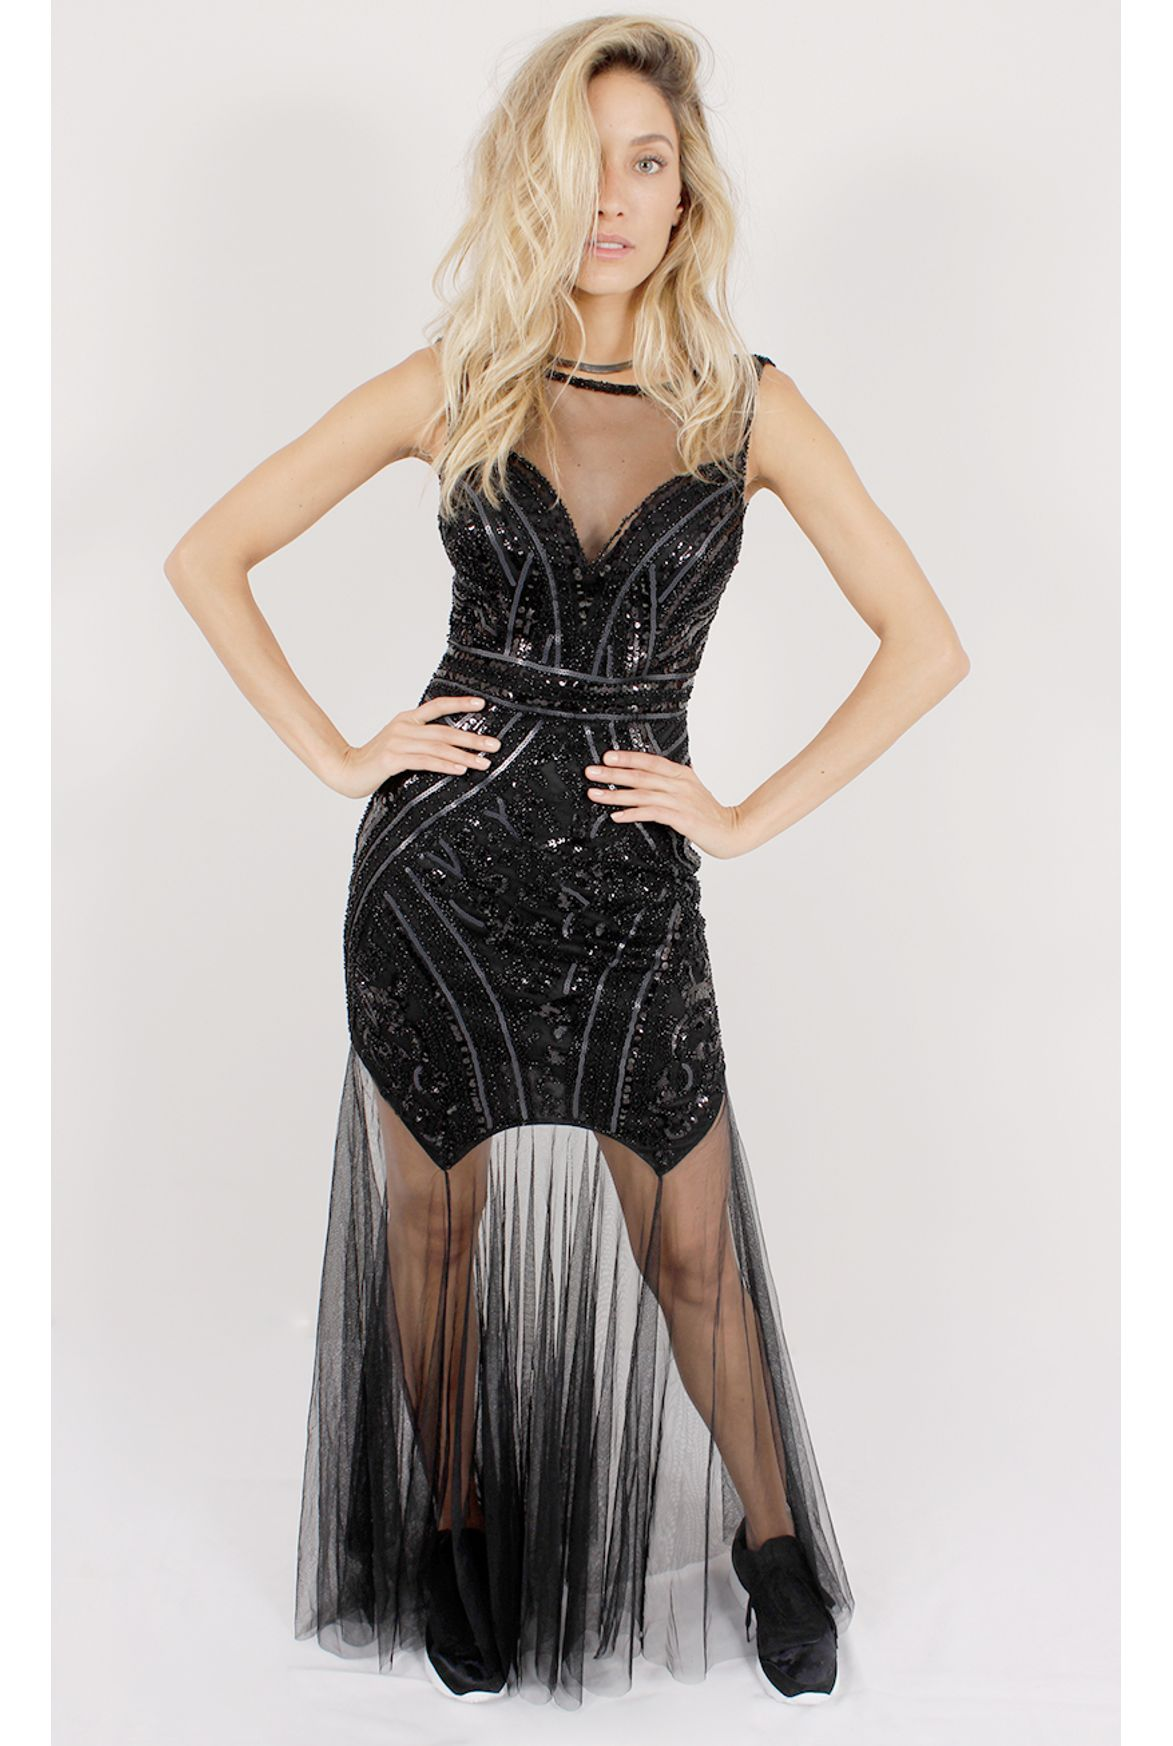 a901e65d58 FSHN vestido longo party lady com paetê preto - Fashion Closet